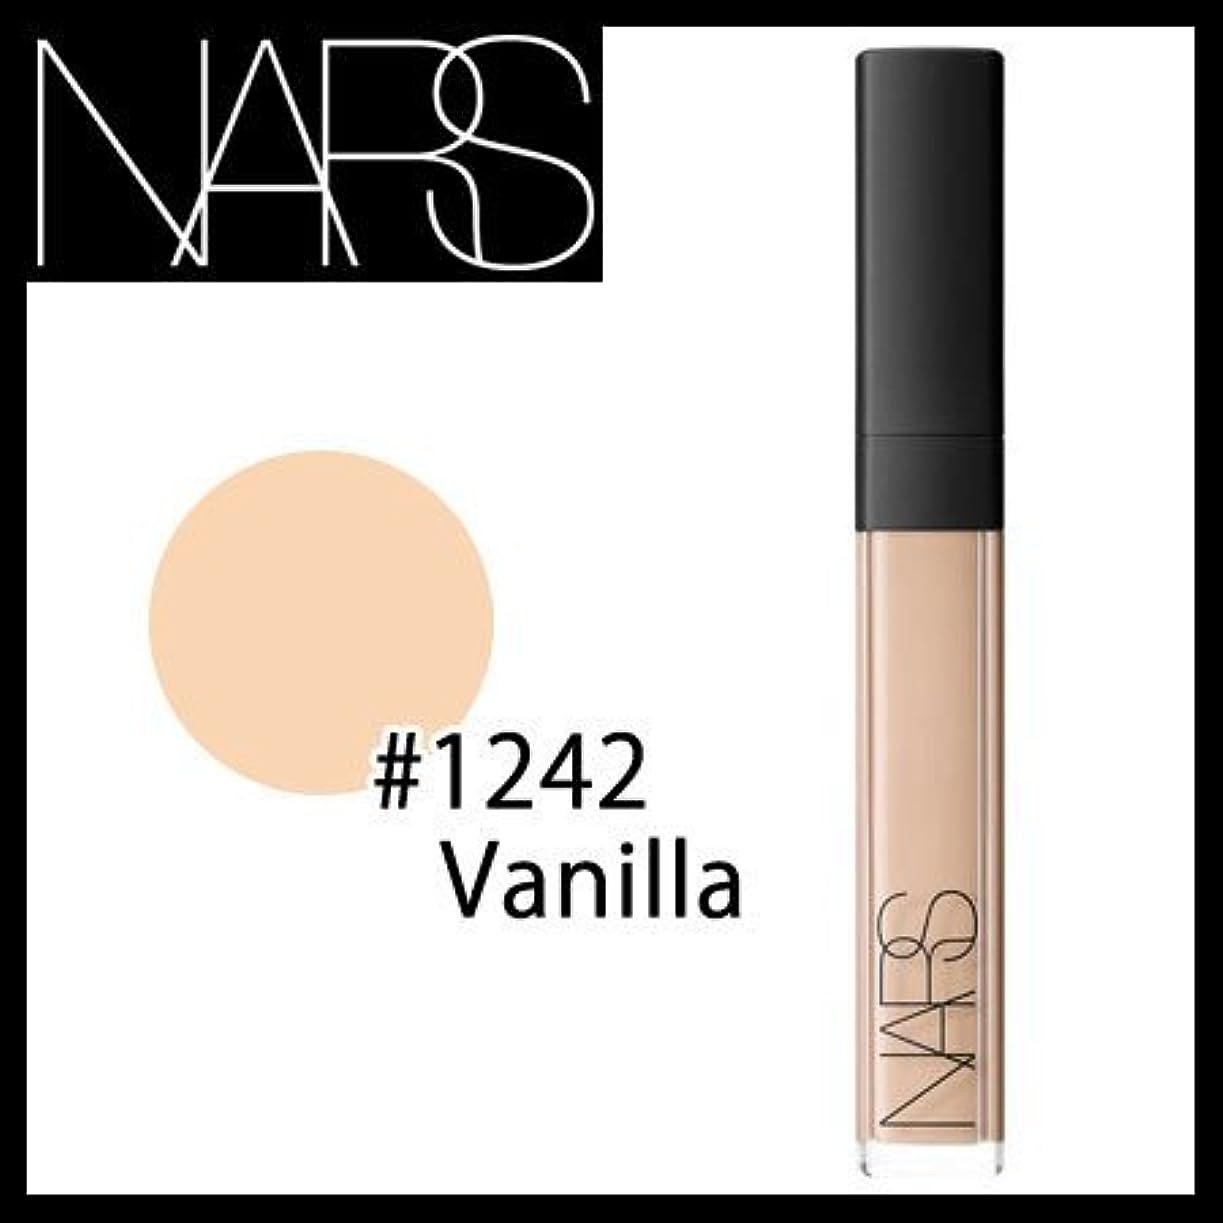 活性化する私たち支出ナーズ(NARS) ラディアント クリーミー コンシーラー #1242 Vanilla[並行輸入品]